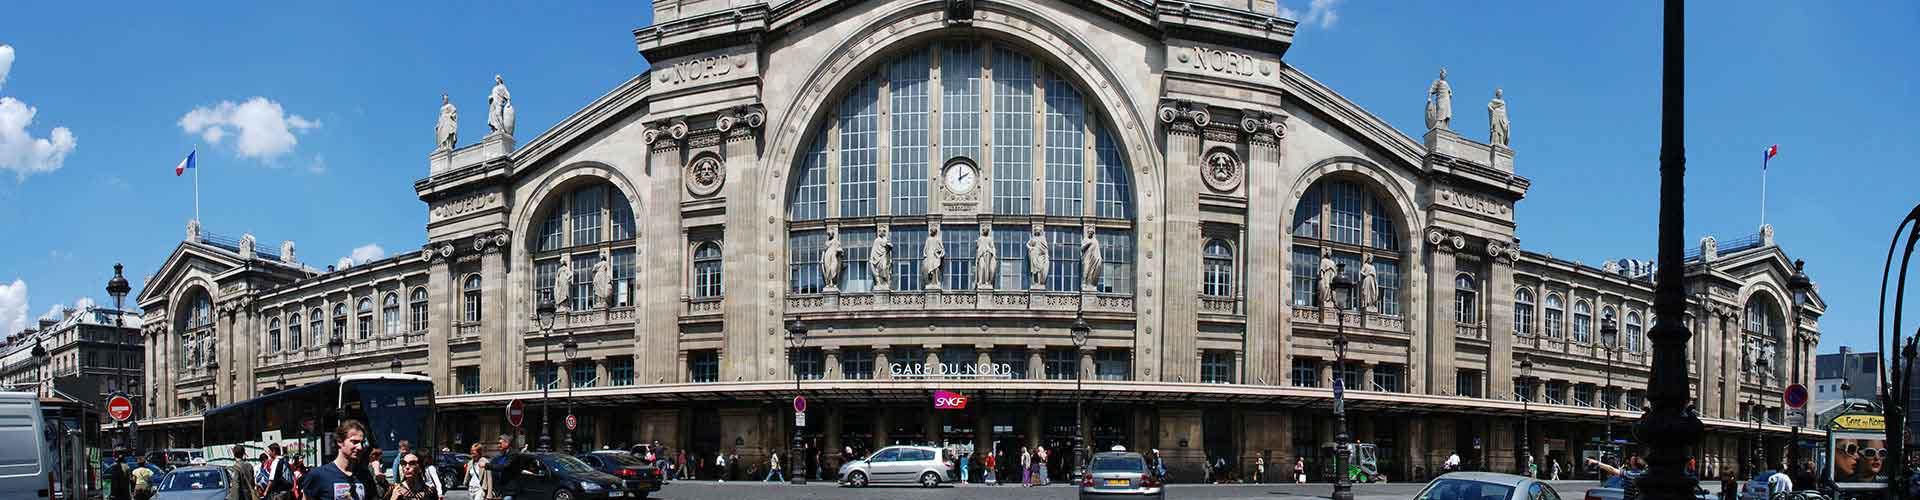 파리 - Train Station Gare du Nord 지구의 호스텔. 파리의 지도, 파리에 위치한 호스텔 사진 및 후기 정보.